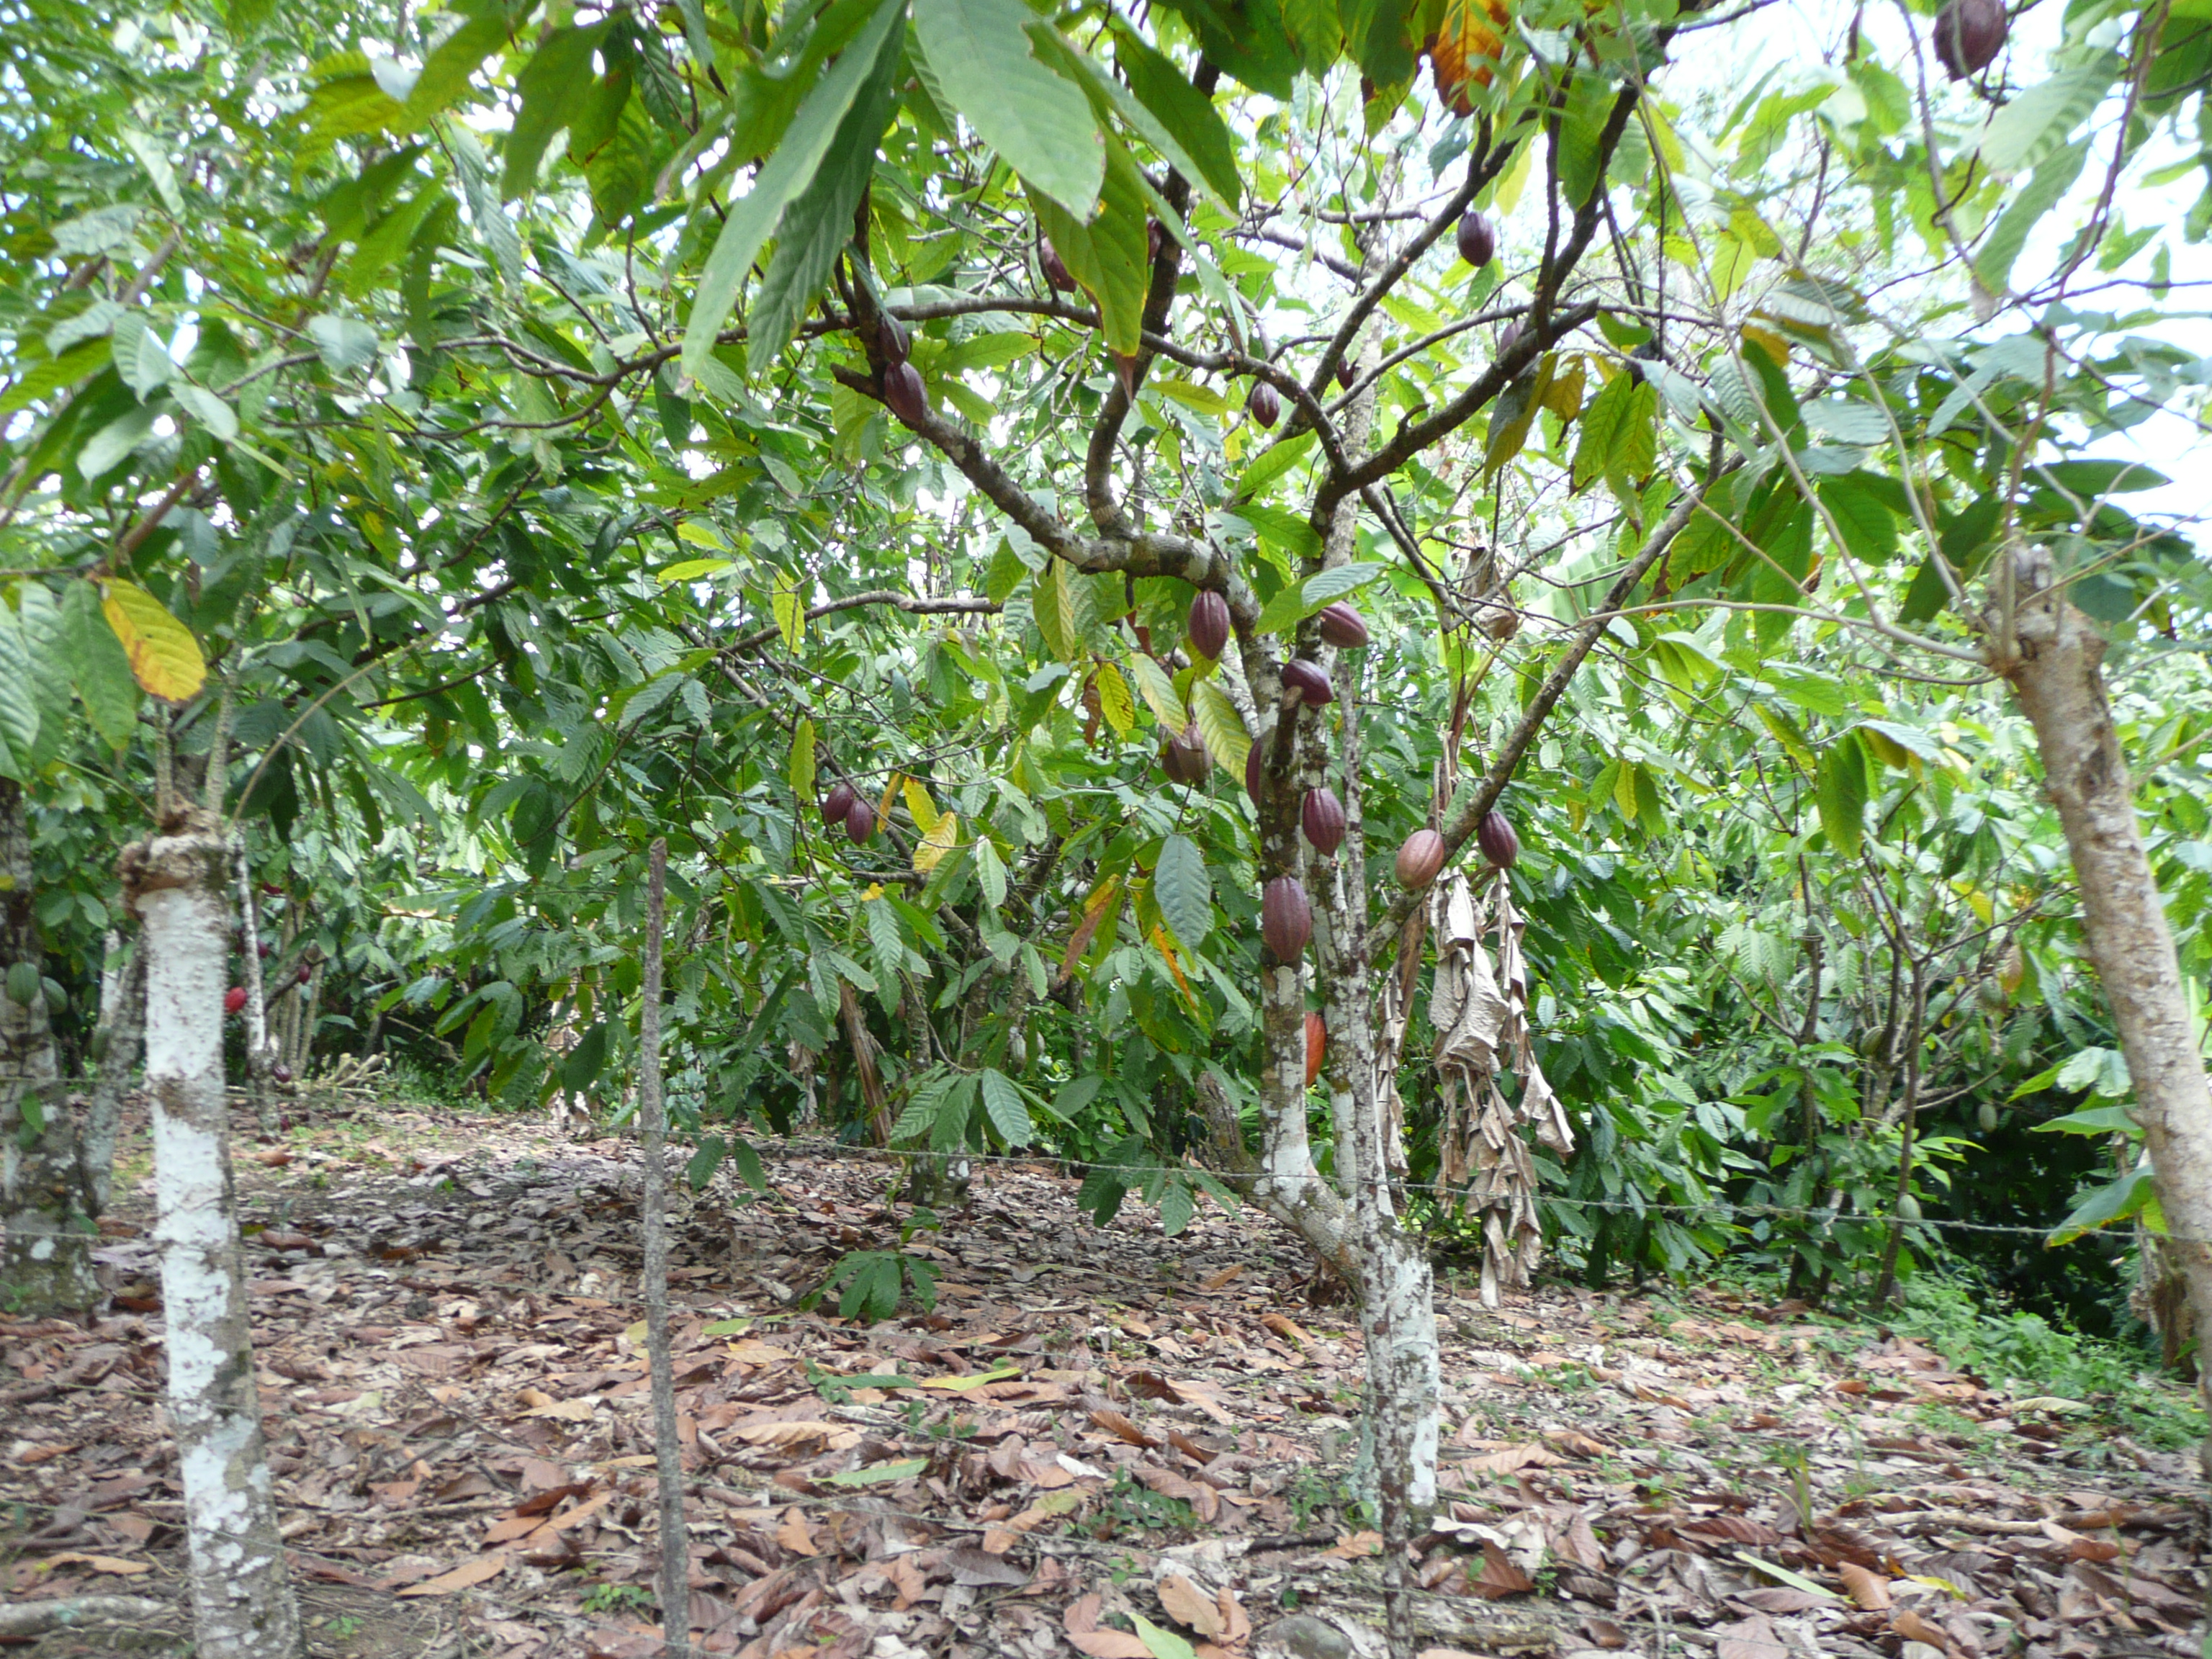 Punta Cana Theobroma cacao tree.jpg